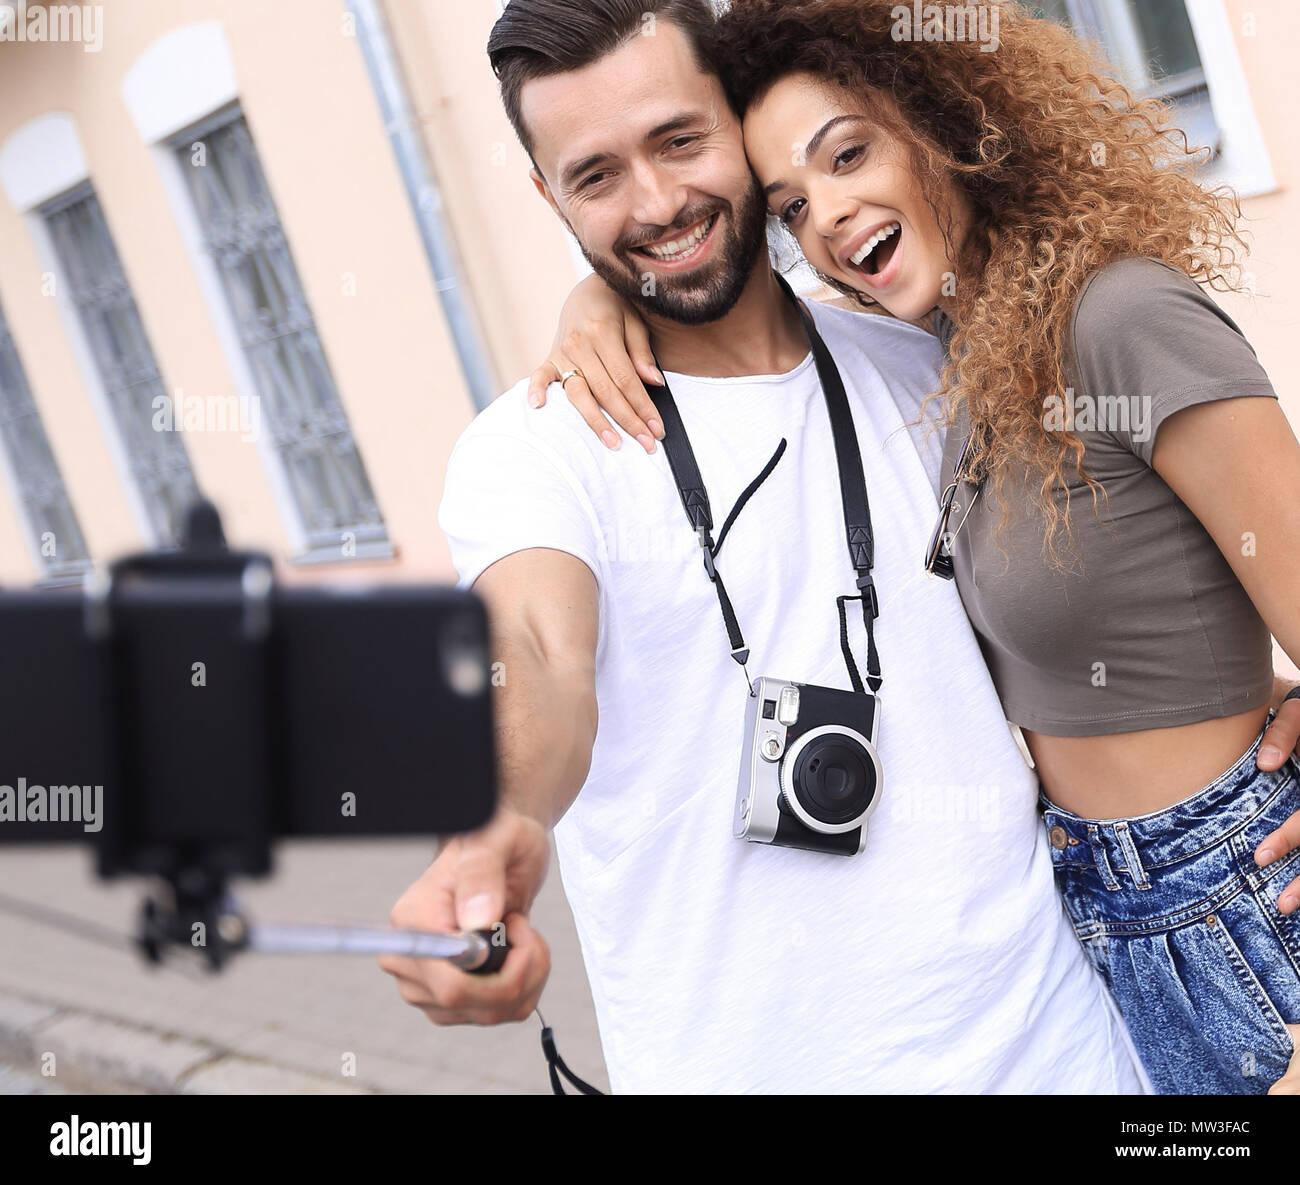 Happy Reisen Paar machen selfie, romantische Stimmung. Stockfoto